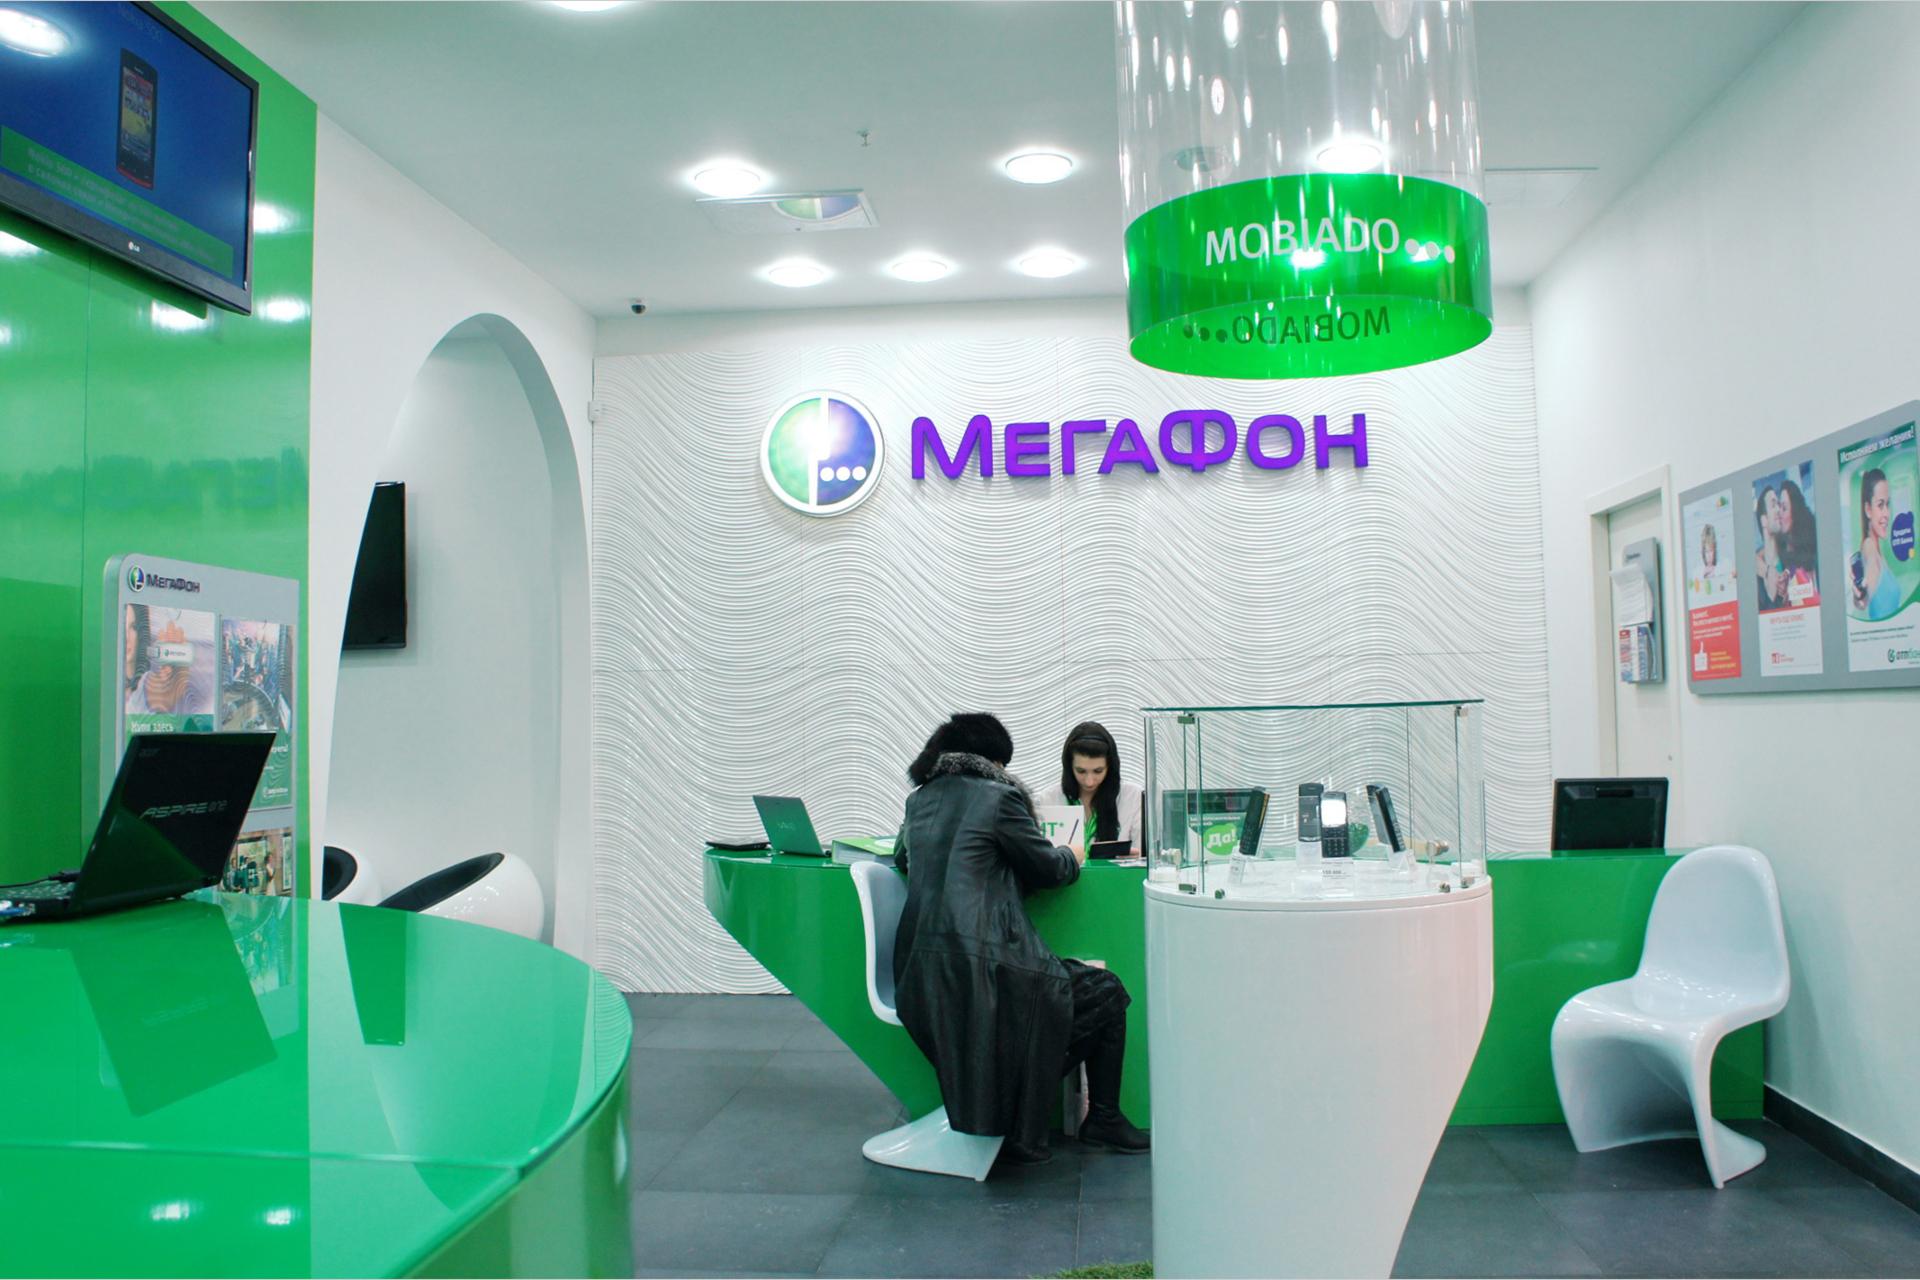 «Мегафон» решил уменьшить число салонов связи на 40% в течение пяти лет